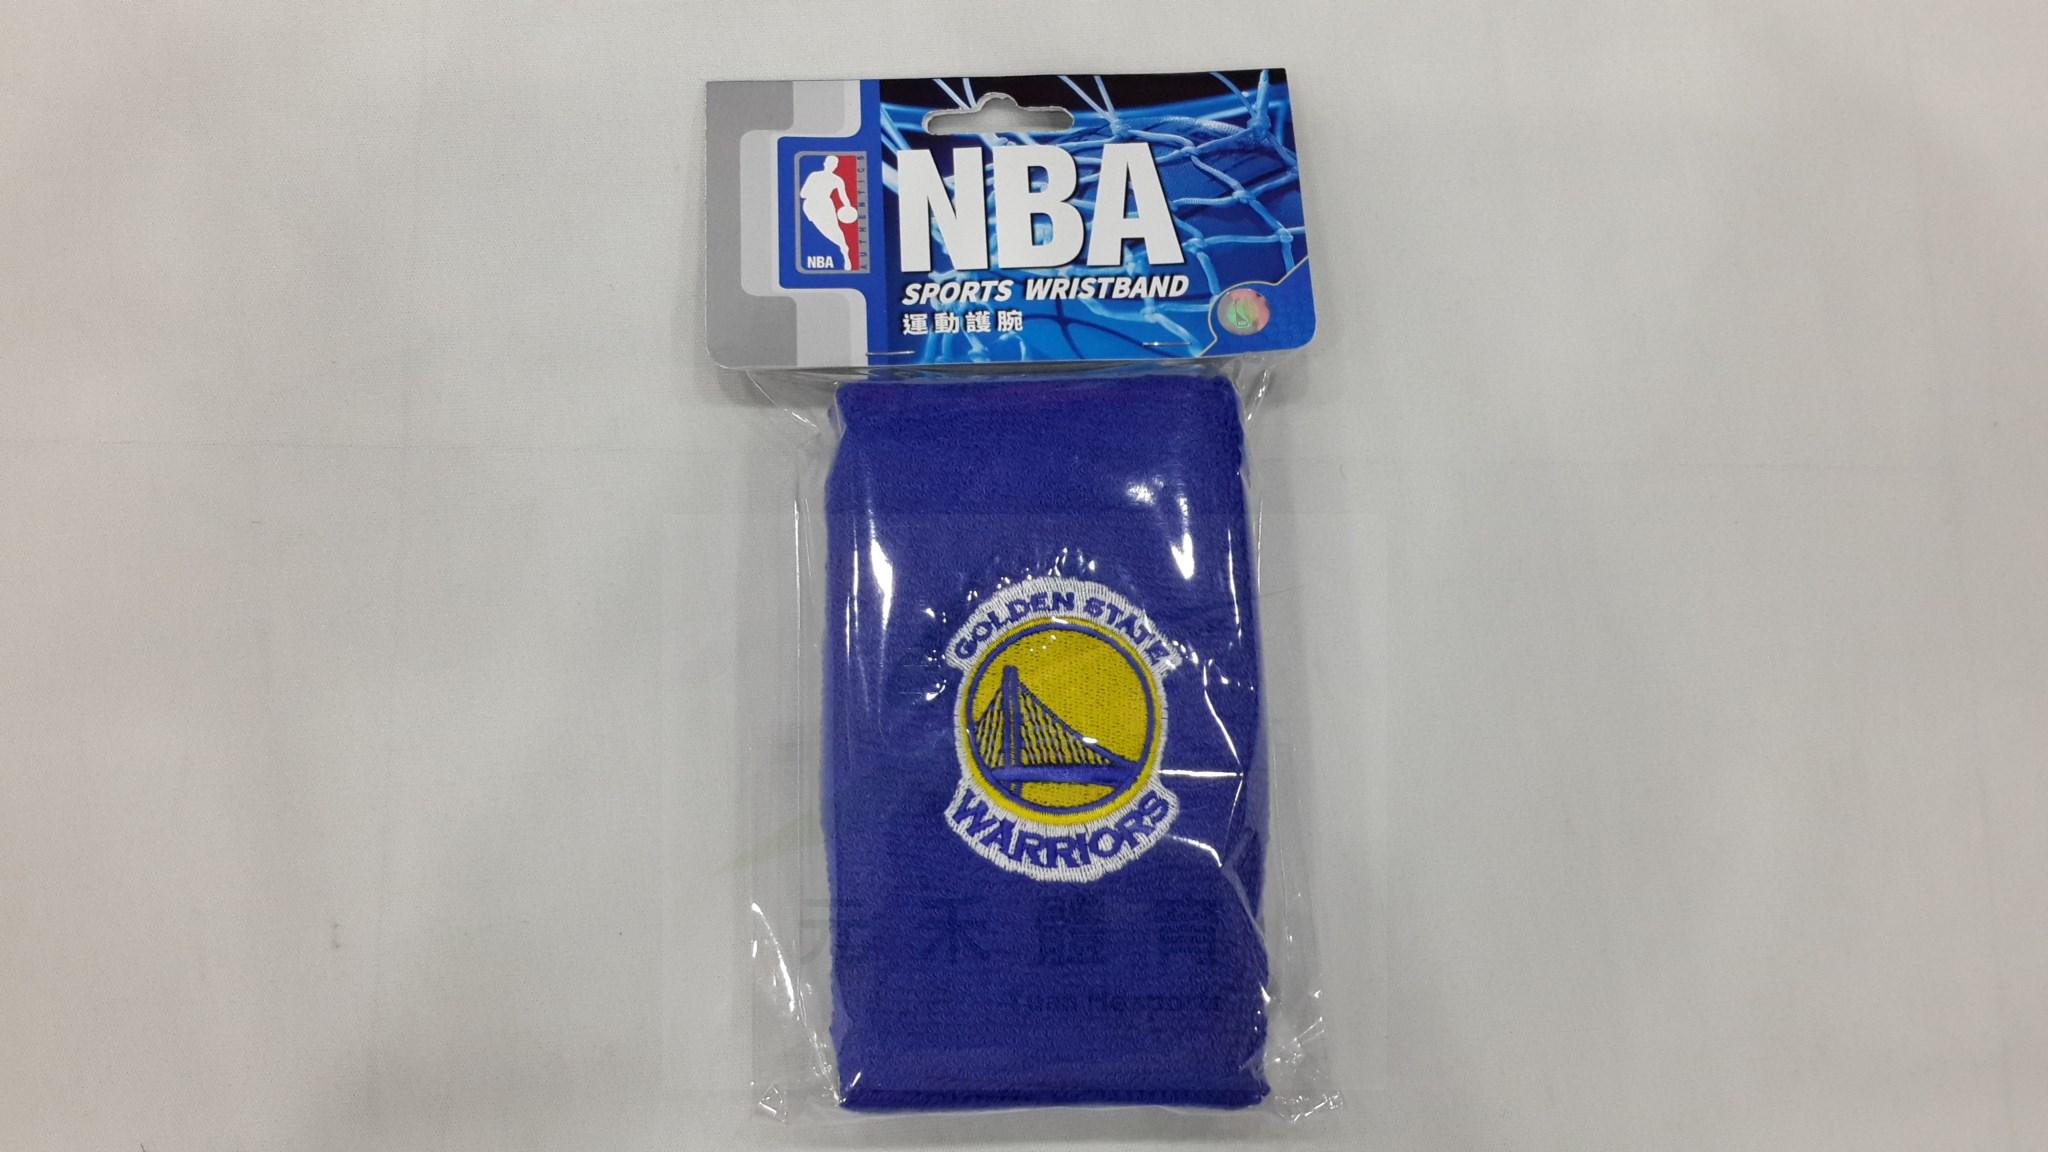 元禾〉NBA 勇士隊 護腕 8531503-023